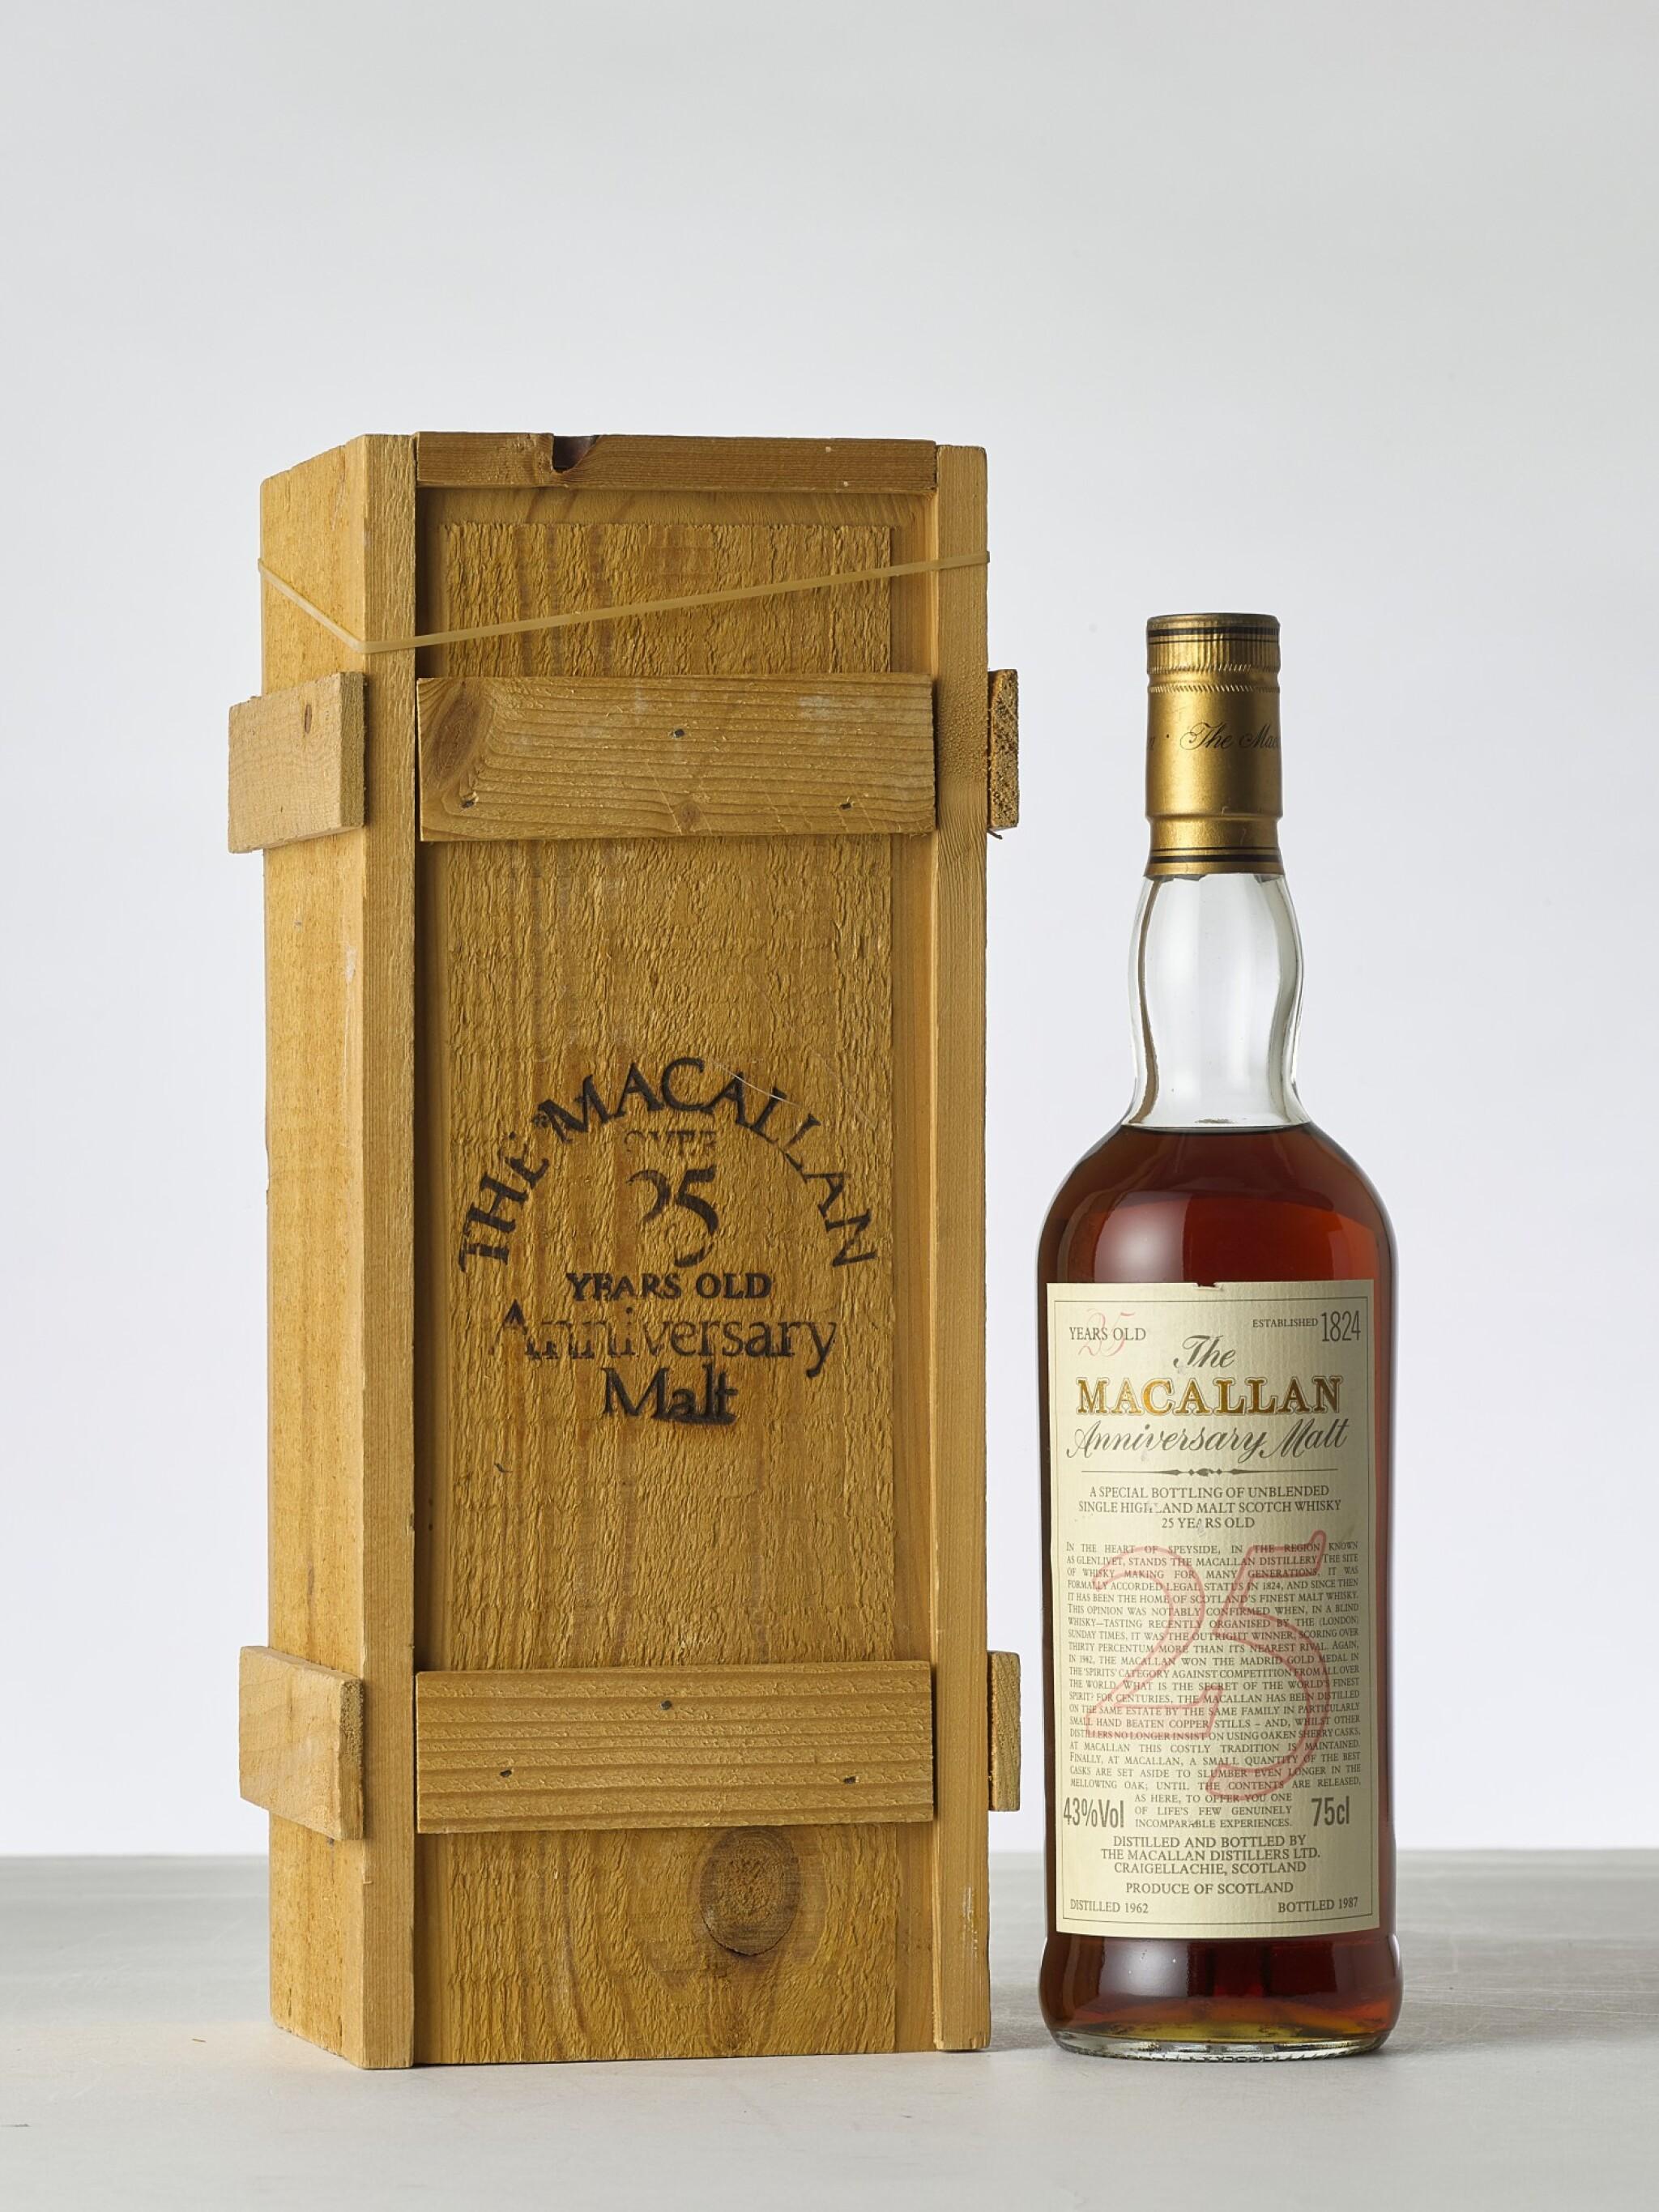 The Macallan 25 Year Old Anniversary Malt 43.0 abv 1962 (1 BT)